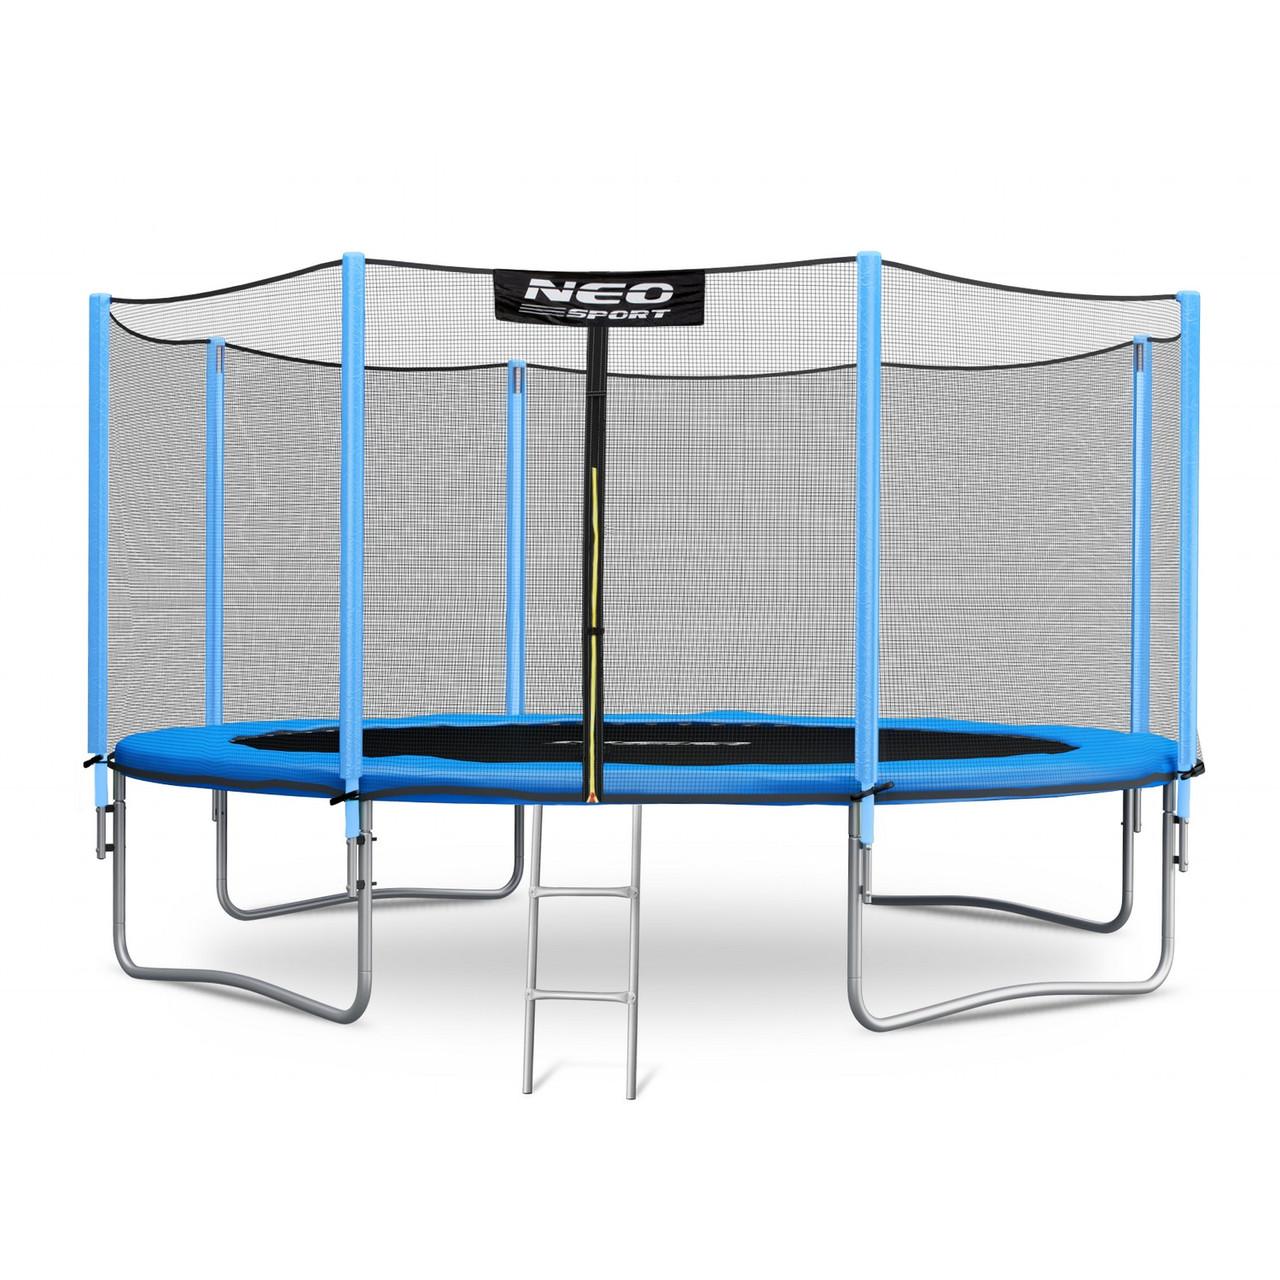 Садовый батут Neo-Sport 14ft/435 см для всей семьи с усиленной рамой внешней сеткой и лестницей